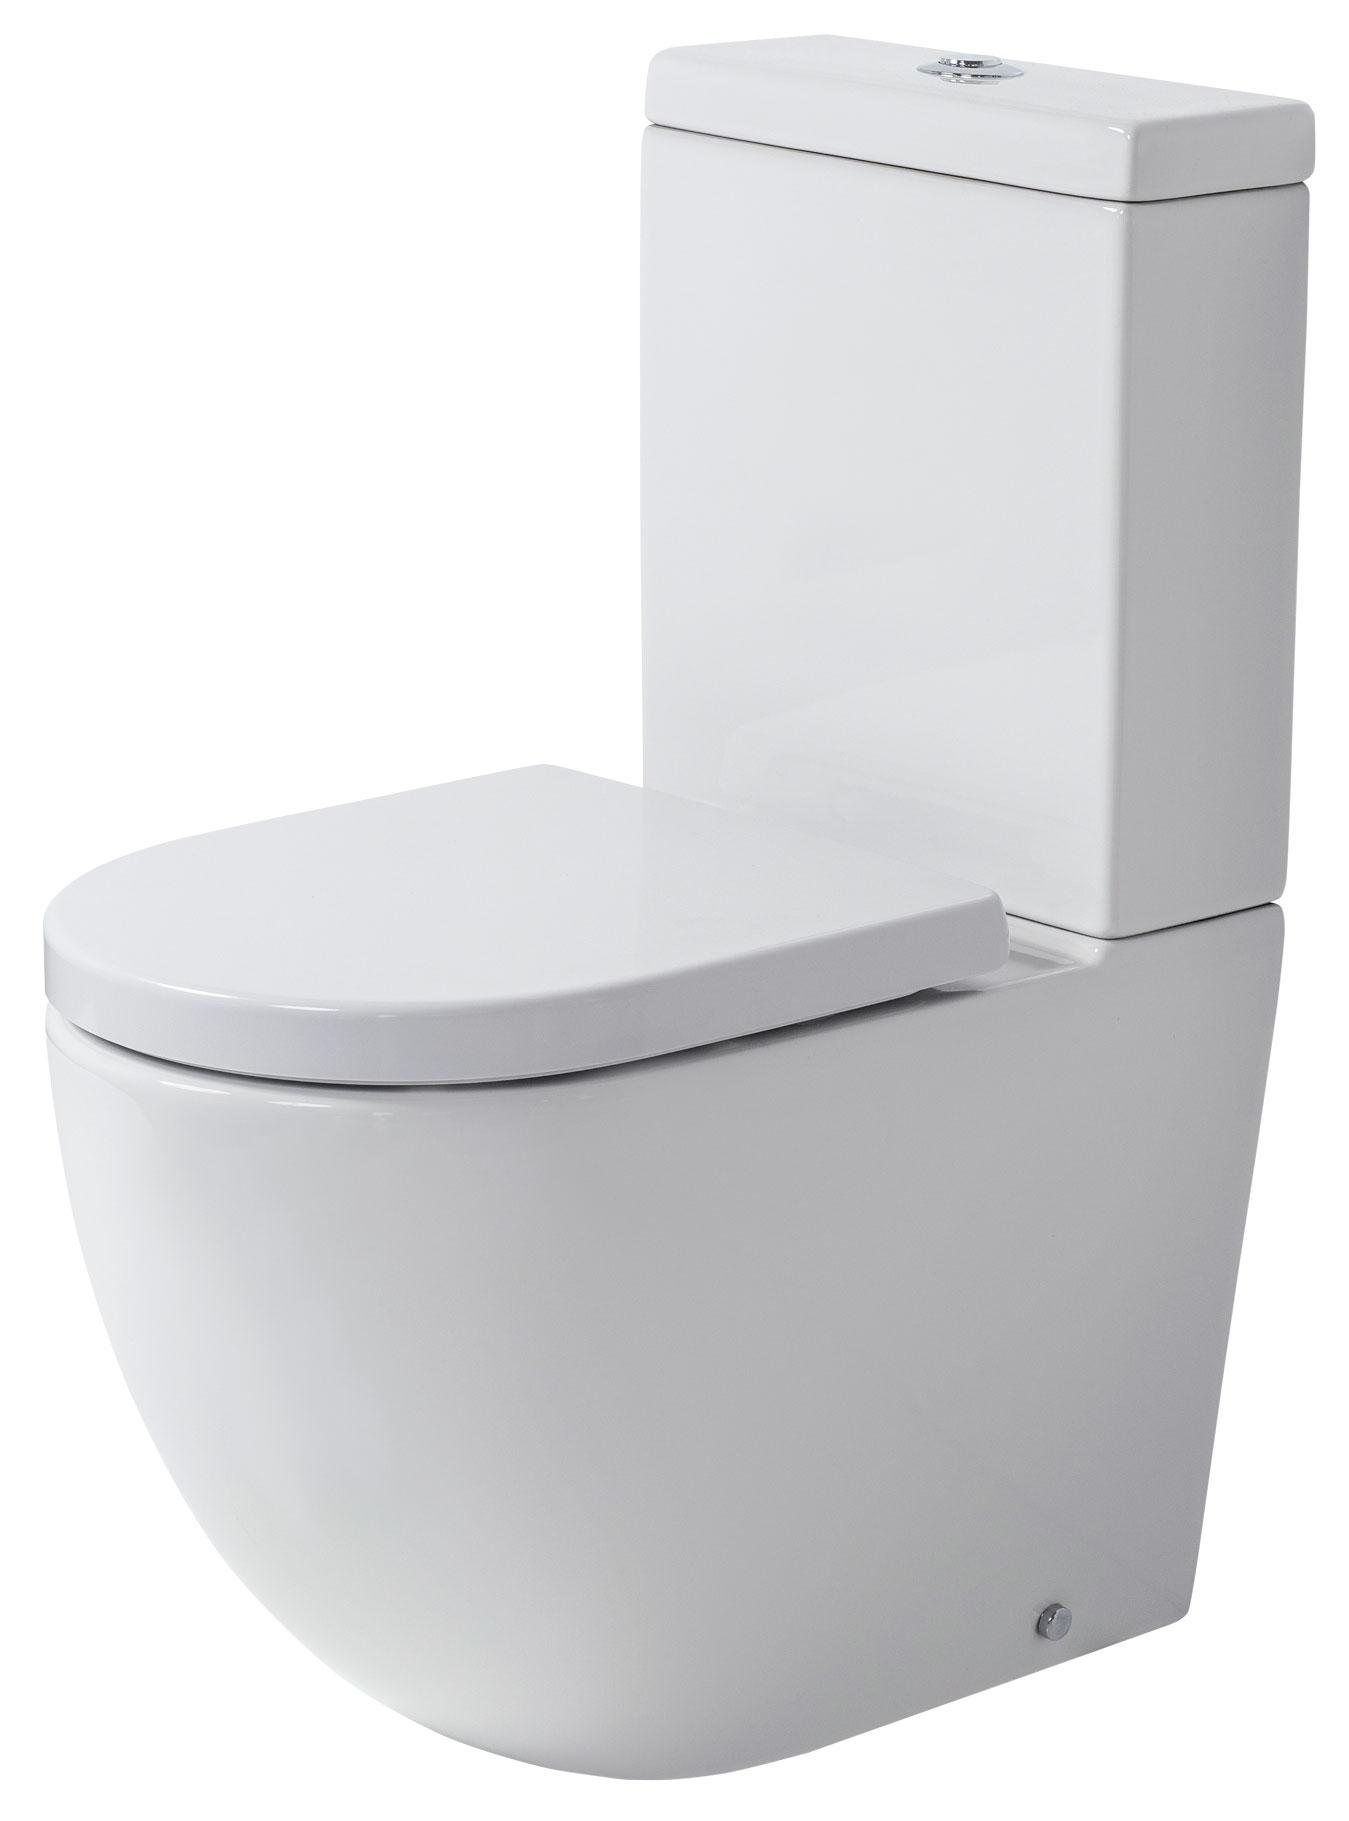 VCBC Rest Rimless Toilet Suite